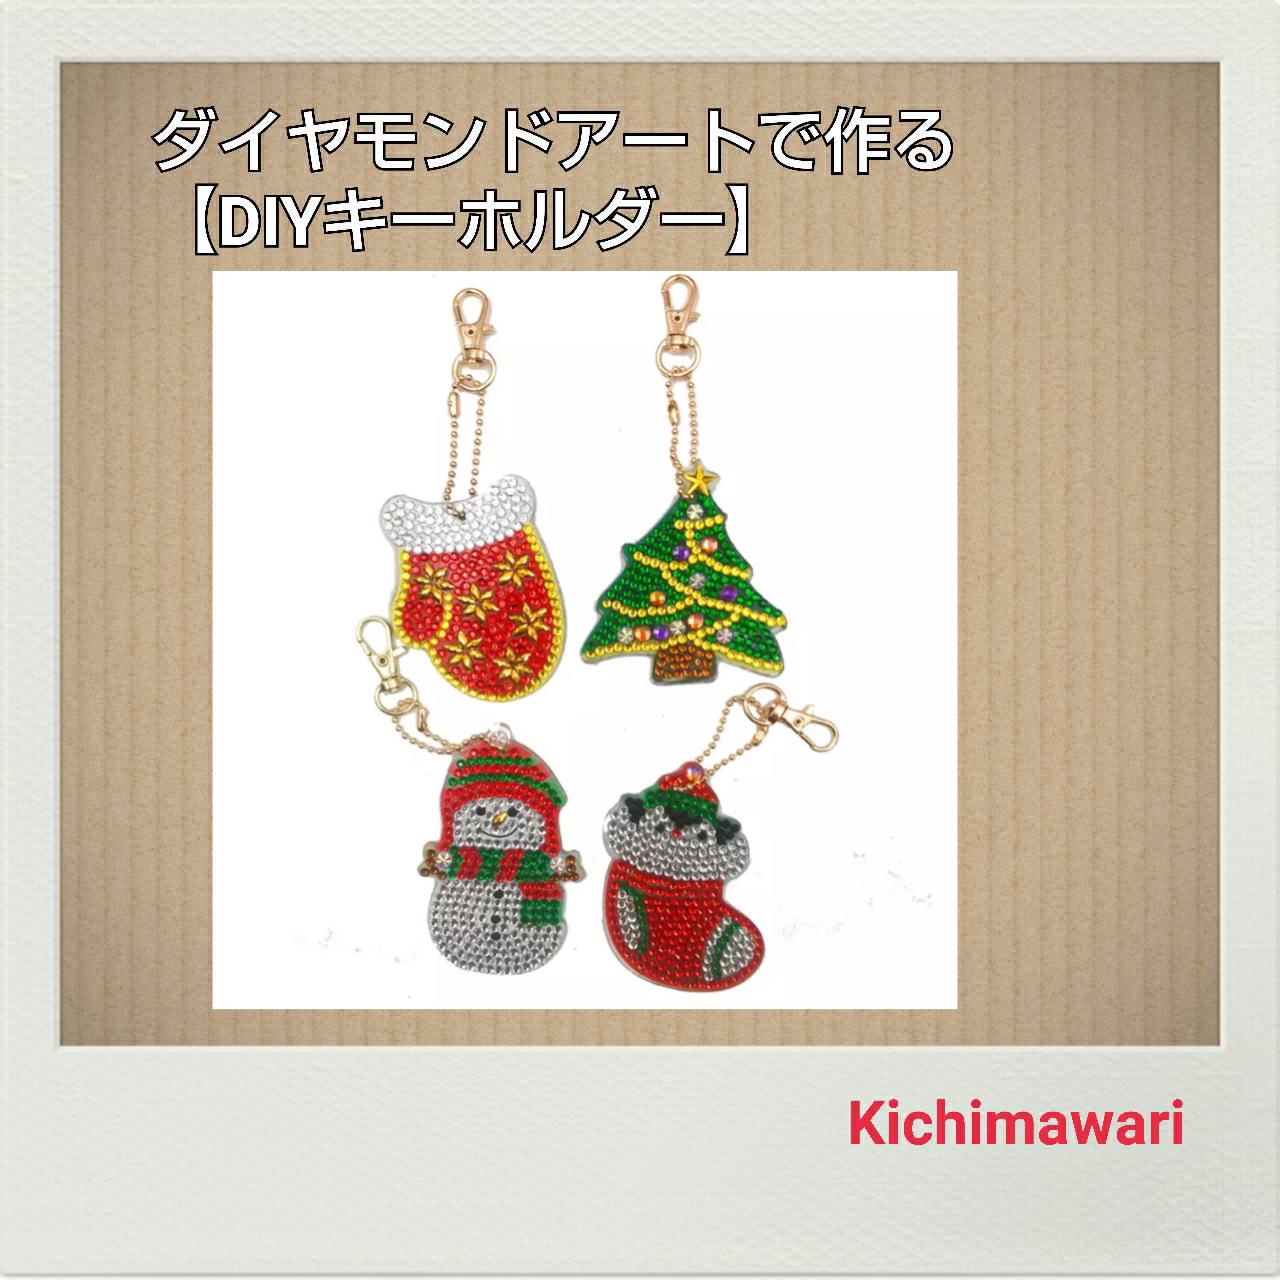 現品のみ‼️DIY【クリスマスキーホルダー】⭐️(4個set)⭐️